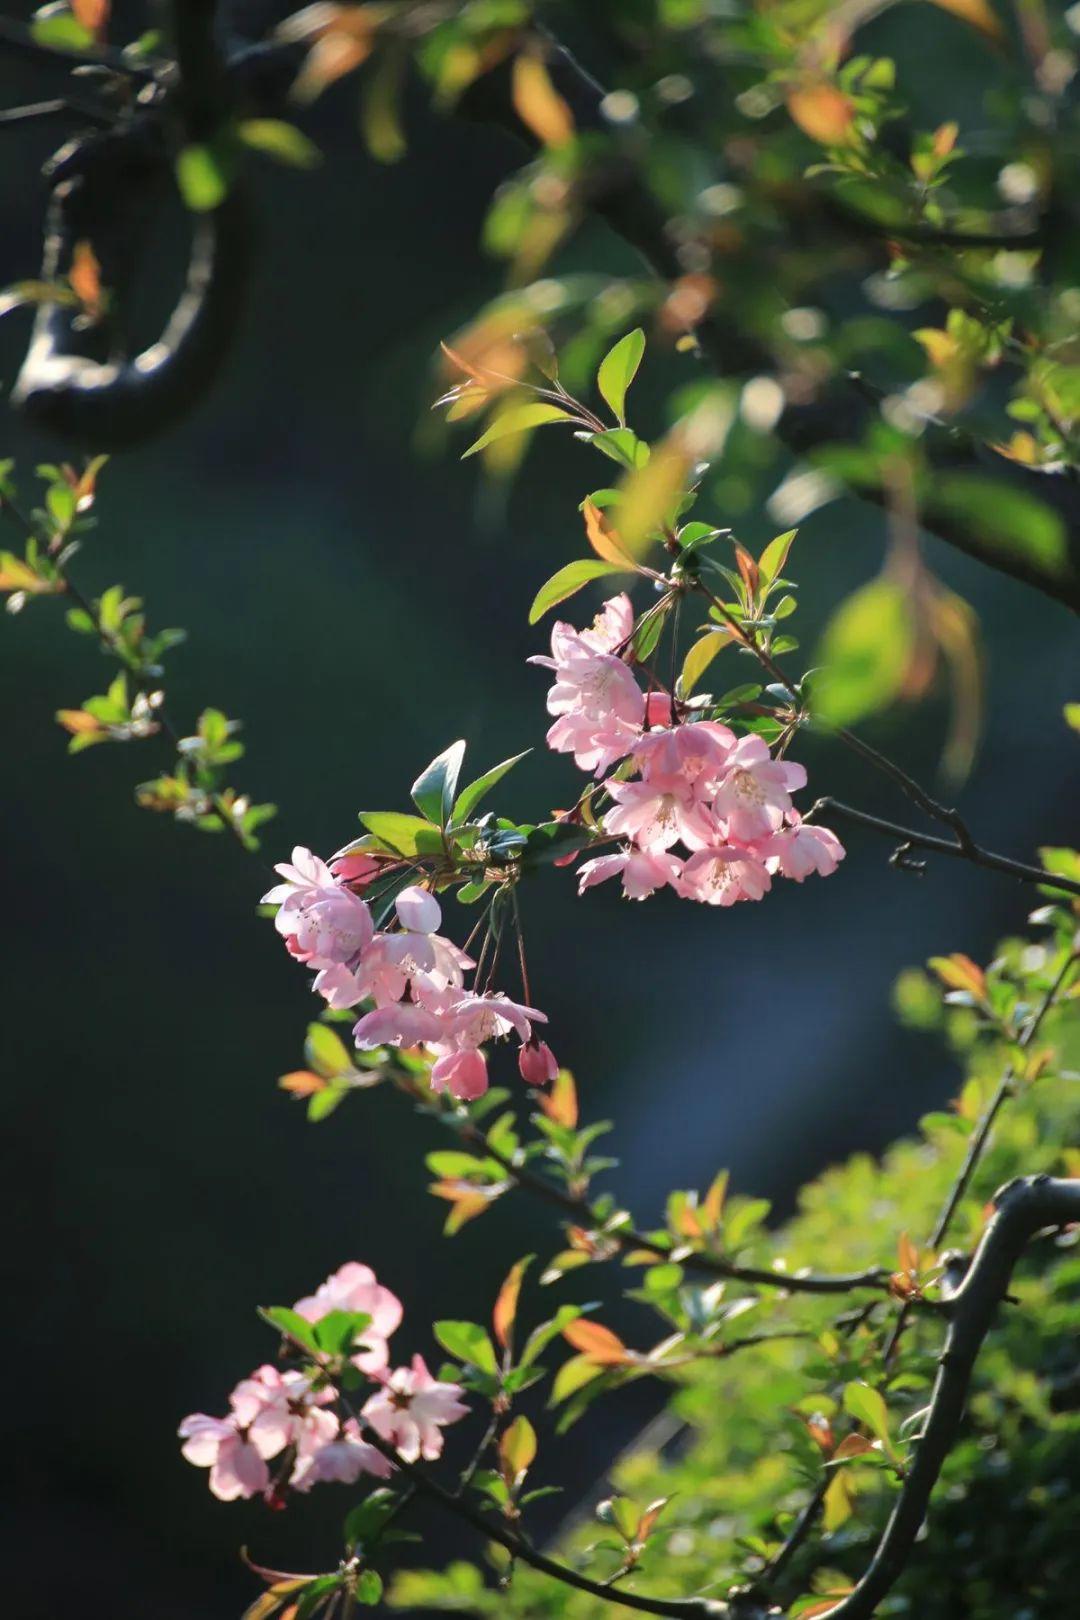 关于春天的词语和诗句有哪些-精选这12首春日古诗词